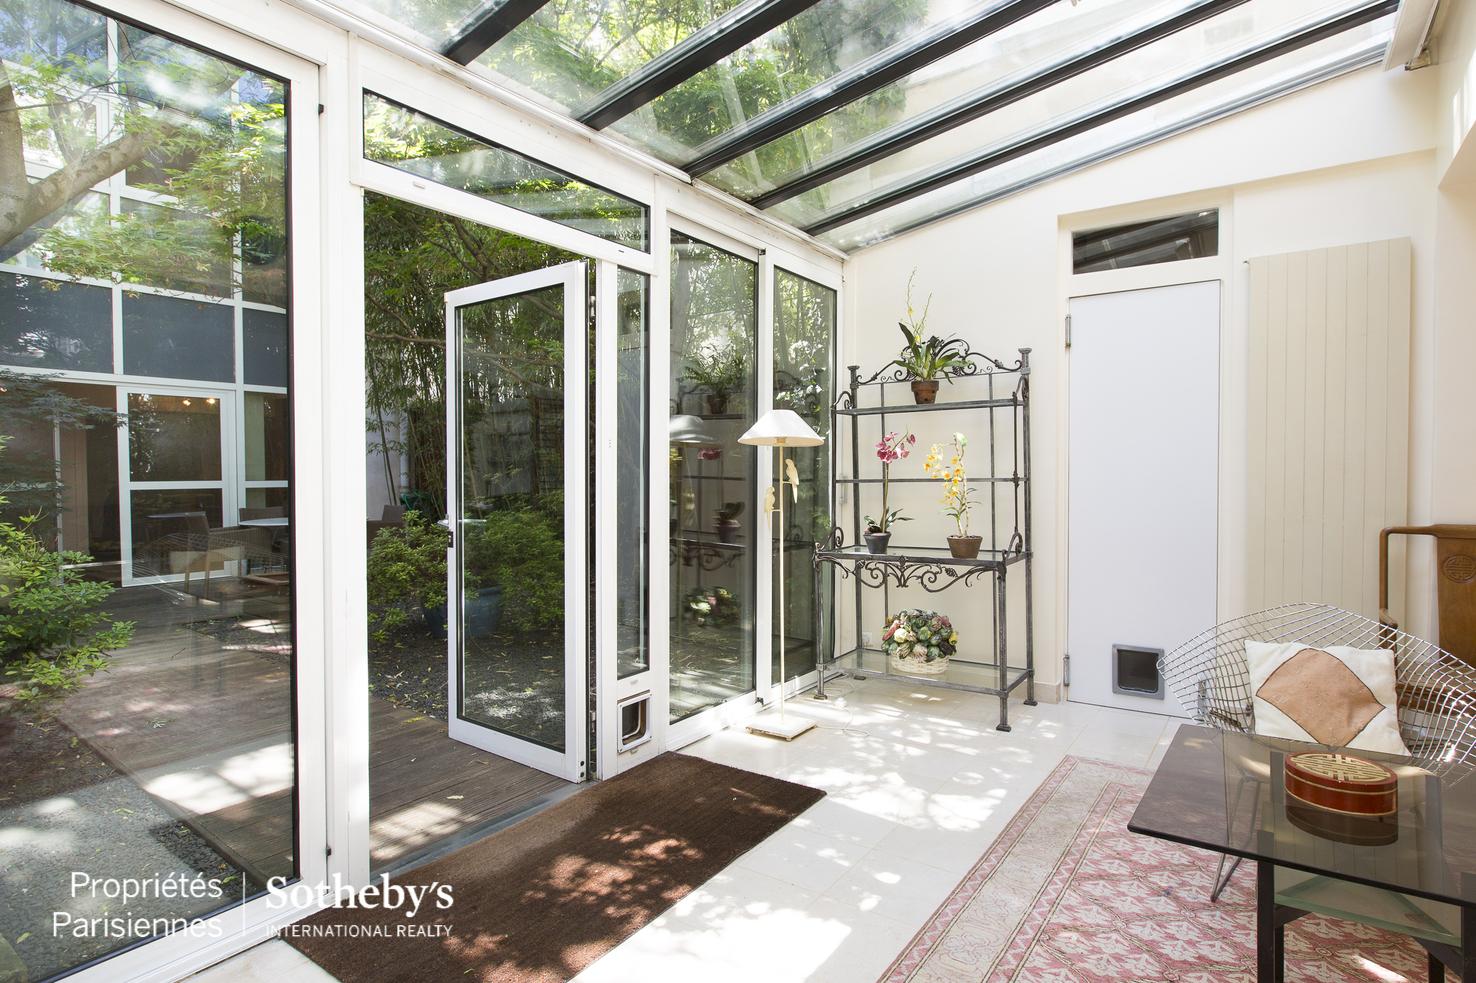 Casa Unifamiliar Adosada por un Venta en Atelier Zao Wou Ki - id. 1858 rue Jonquoy Paris, Paris 75014 Francia